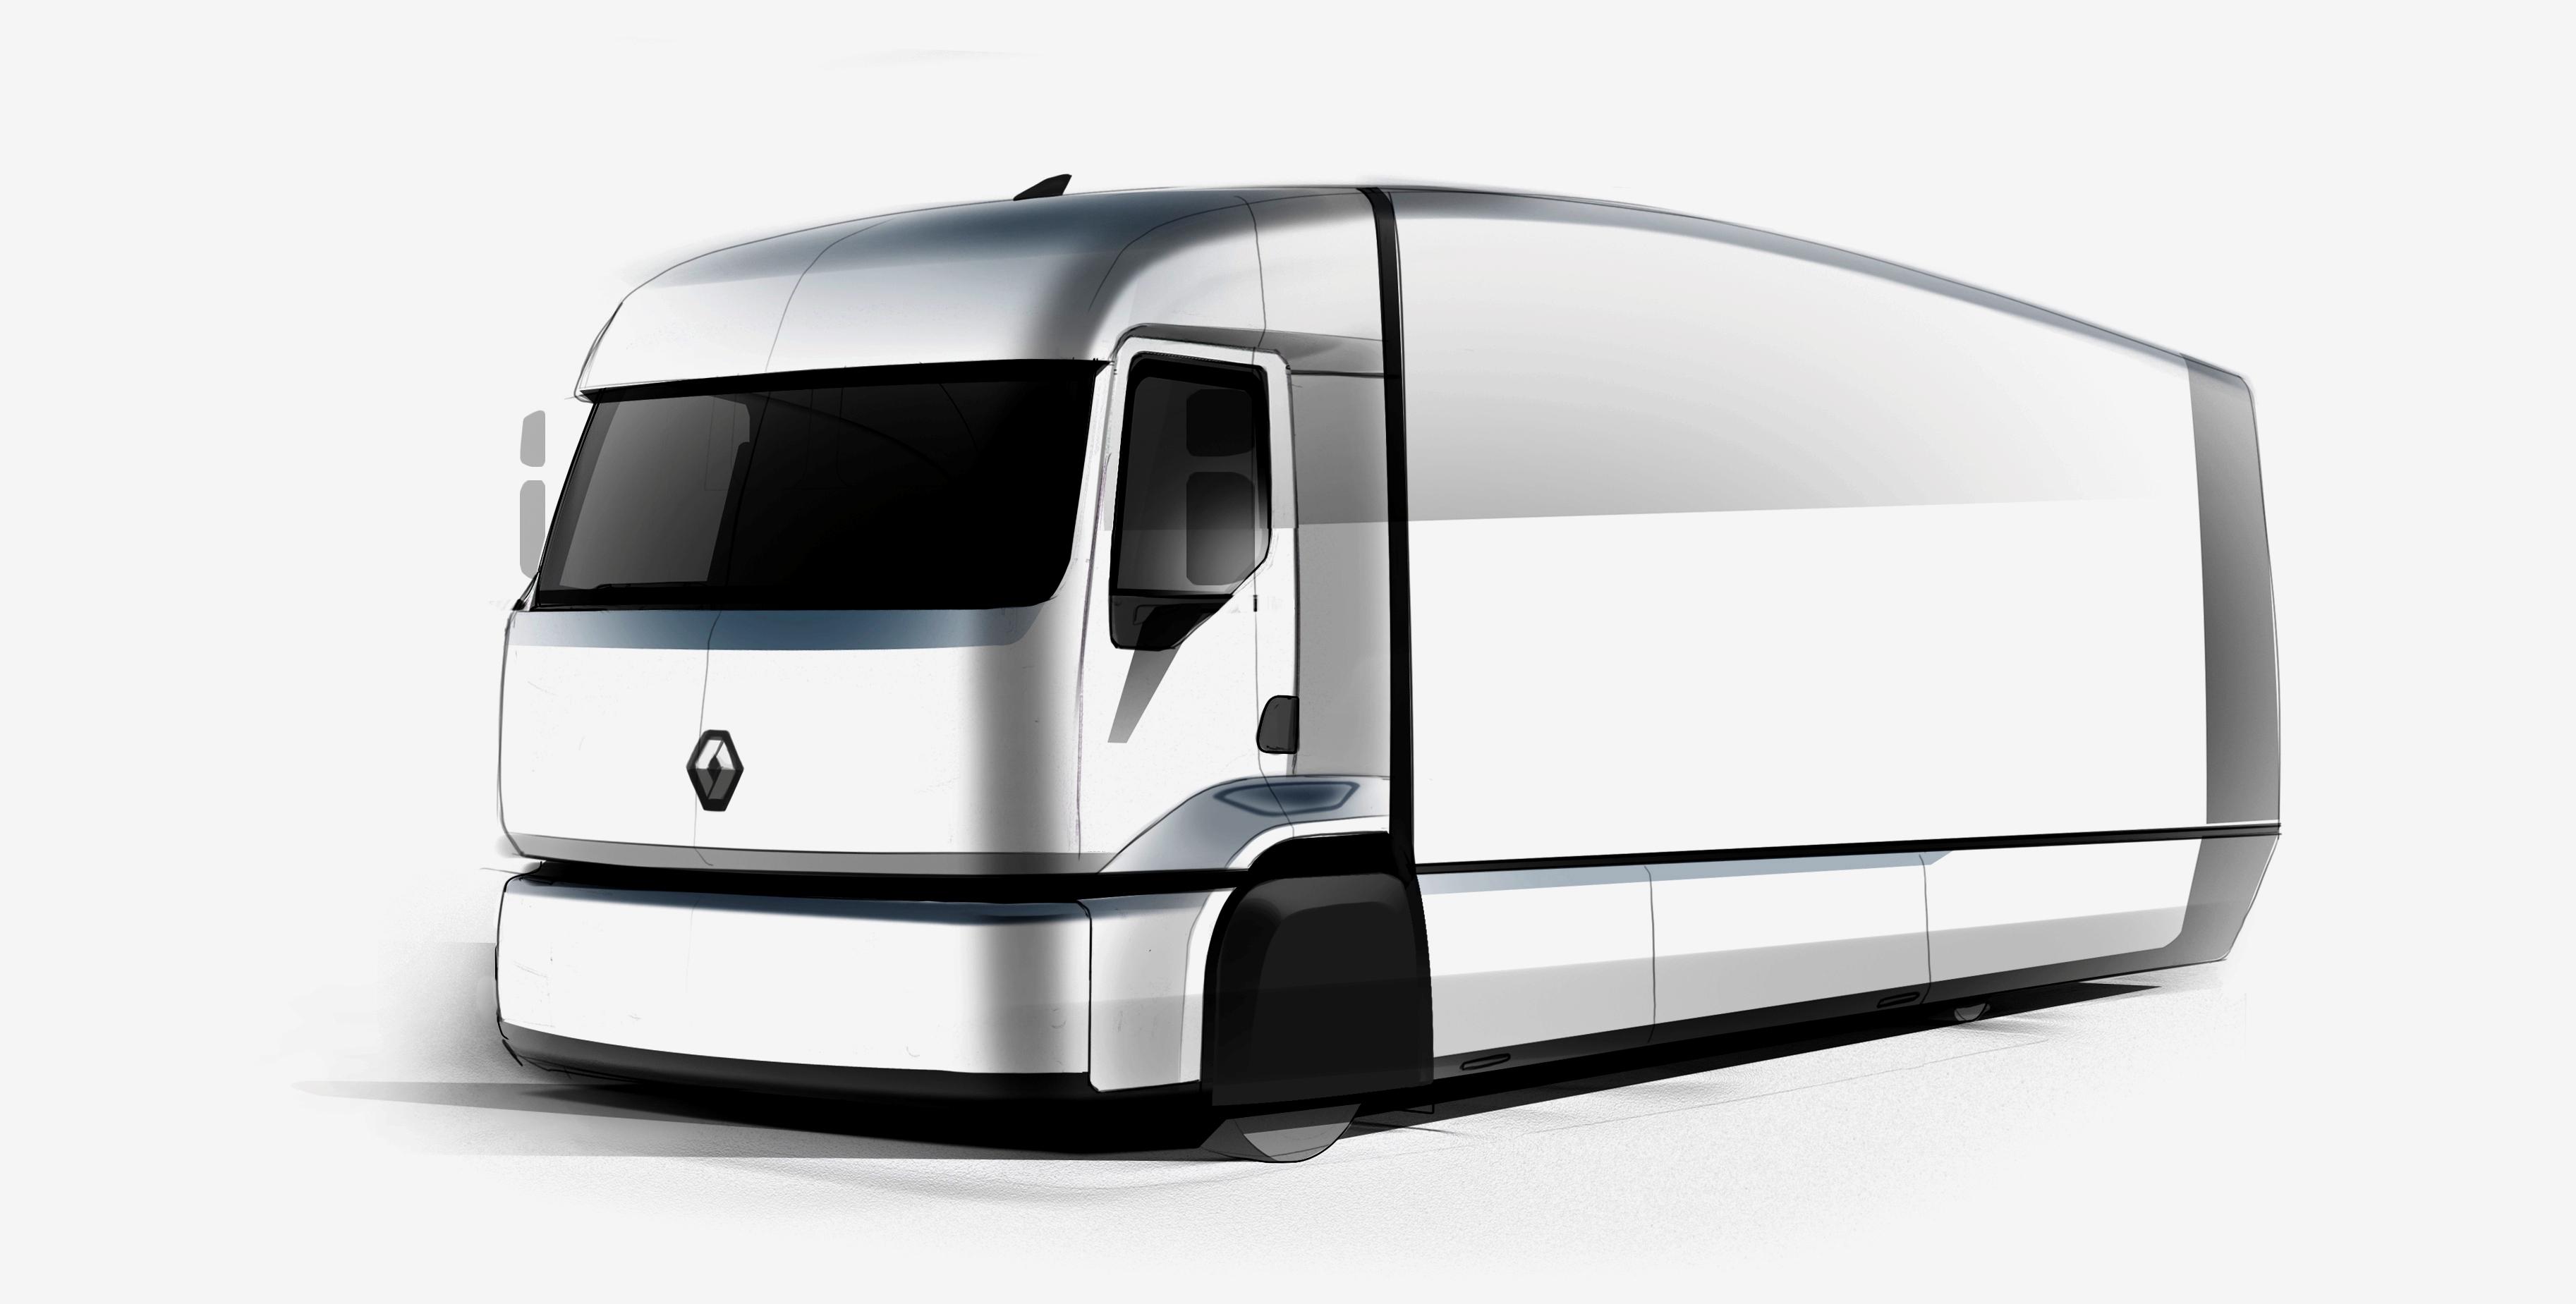 Neues Laboratorium auf Rädern von Renault Trucks